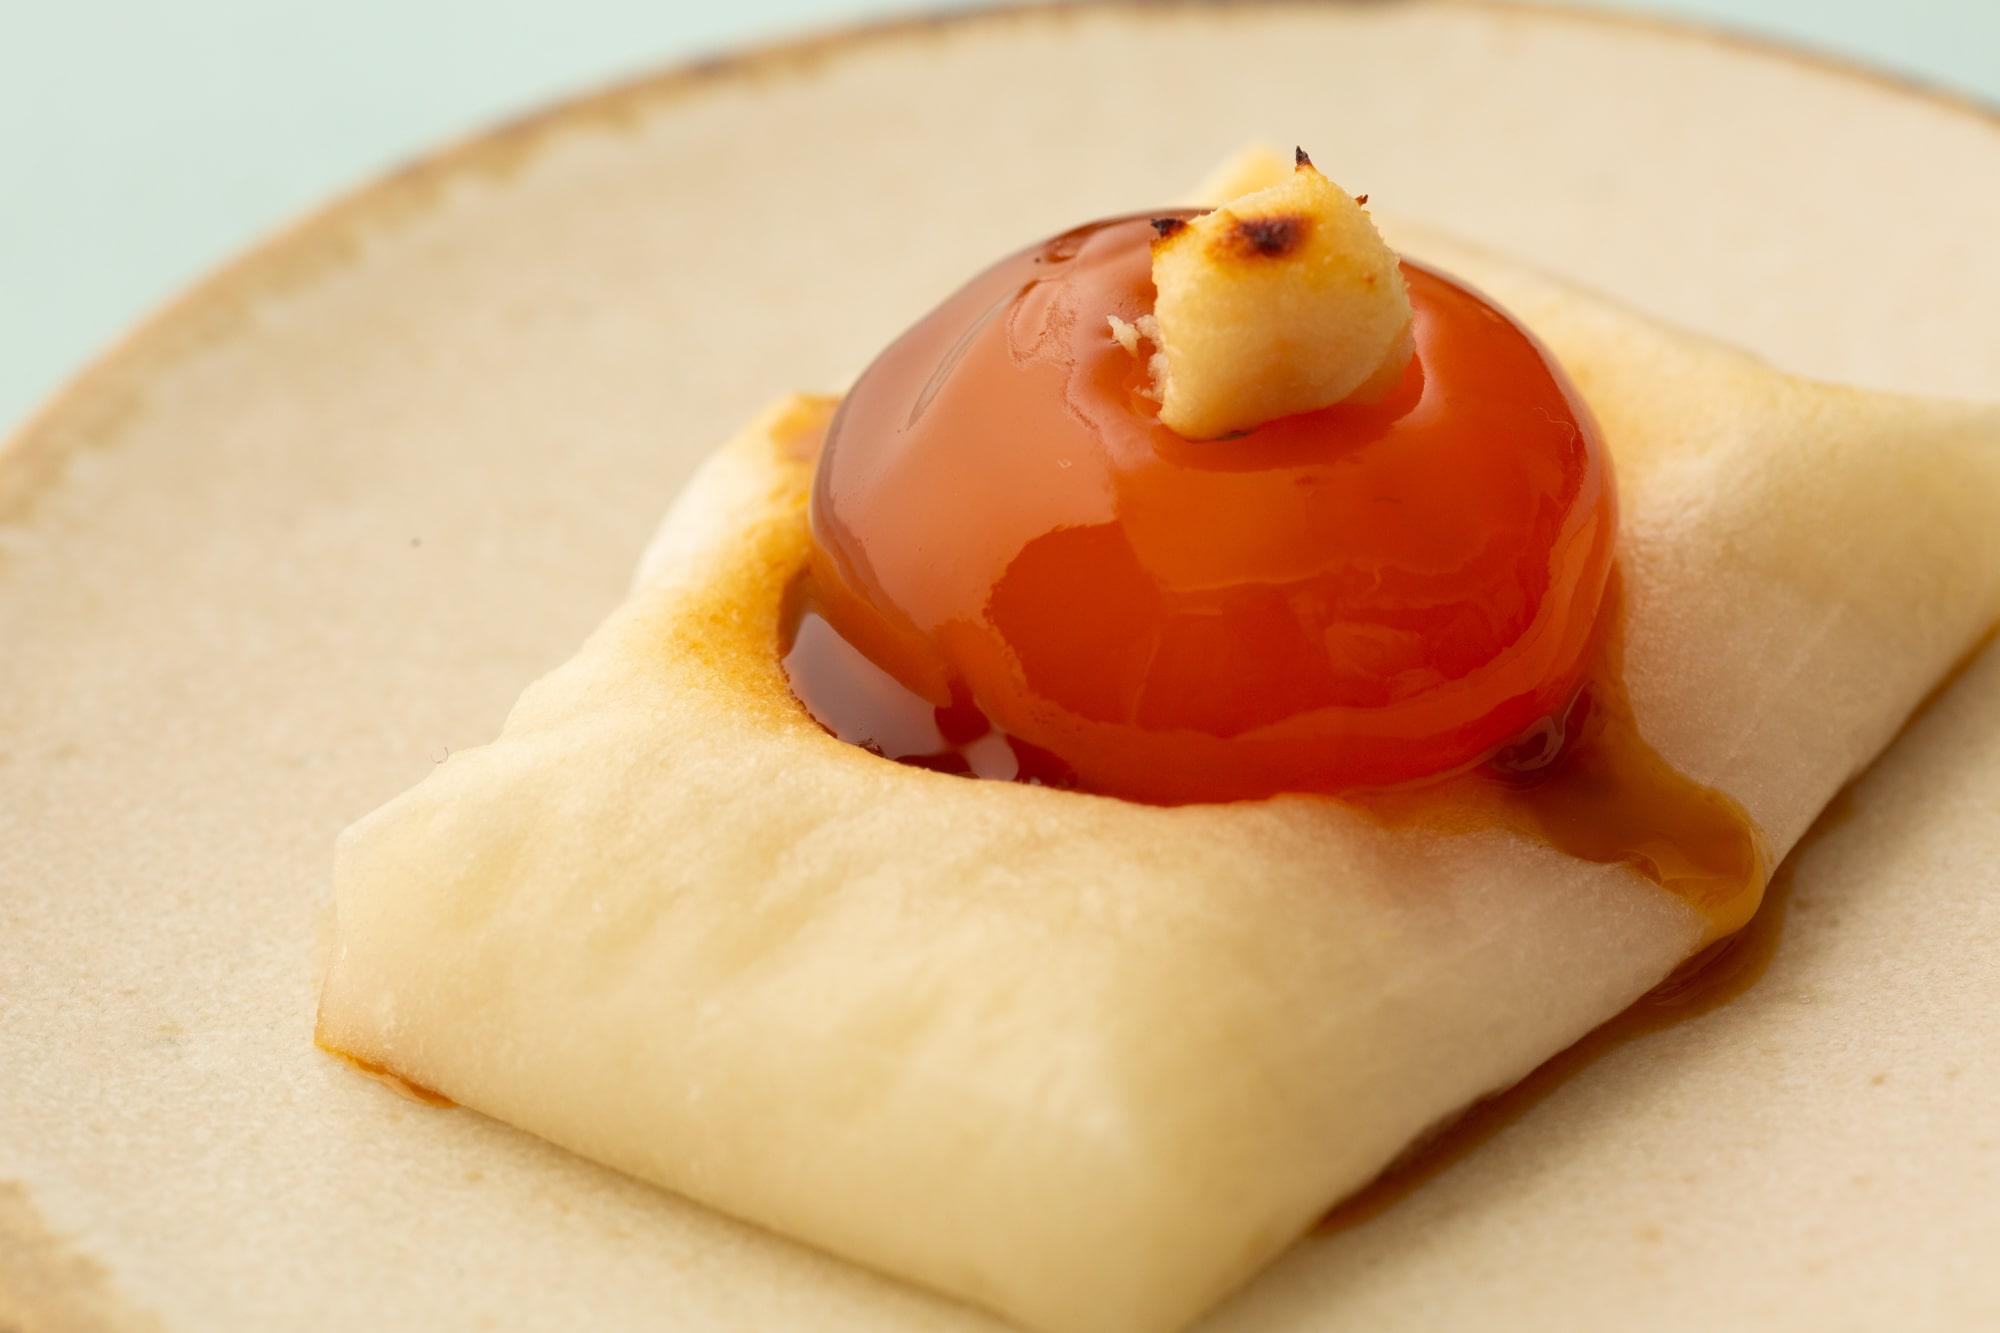 %e5%8d%b5%e9%bb%84%e9%86%a4%e6%b2%b9%e6%bc%ac%e3%81%91-soy-sauce-egg-yolk-omochi-2